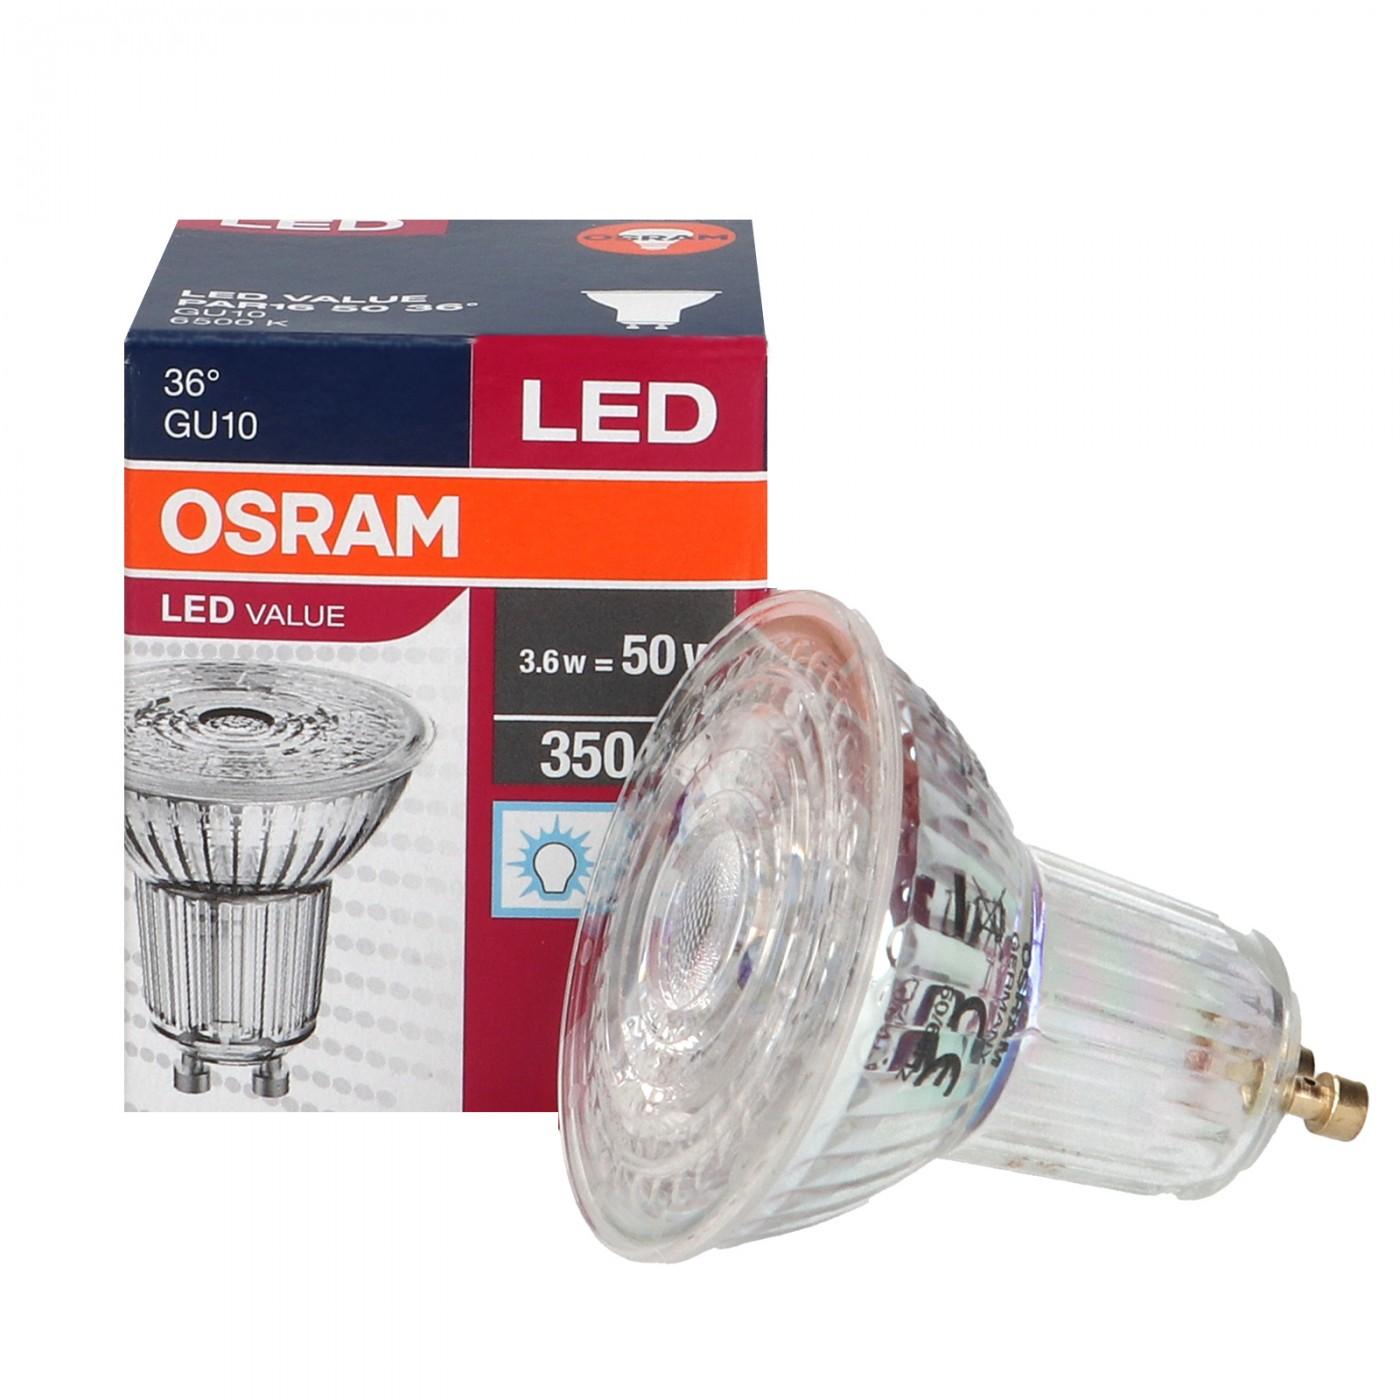 80W Osram LED Hochvolt-Spot Parathom 8,7W GU10 930 36° DIM